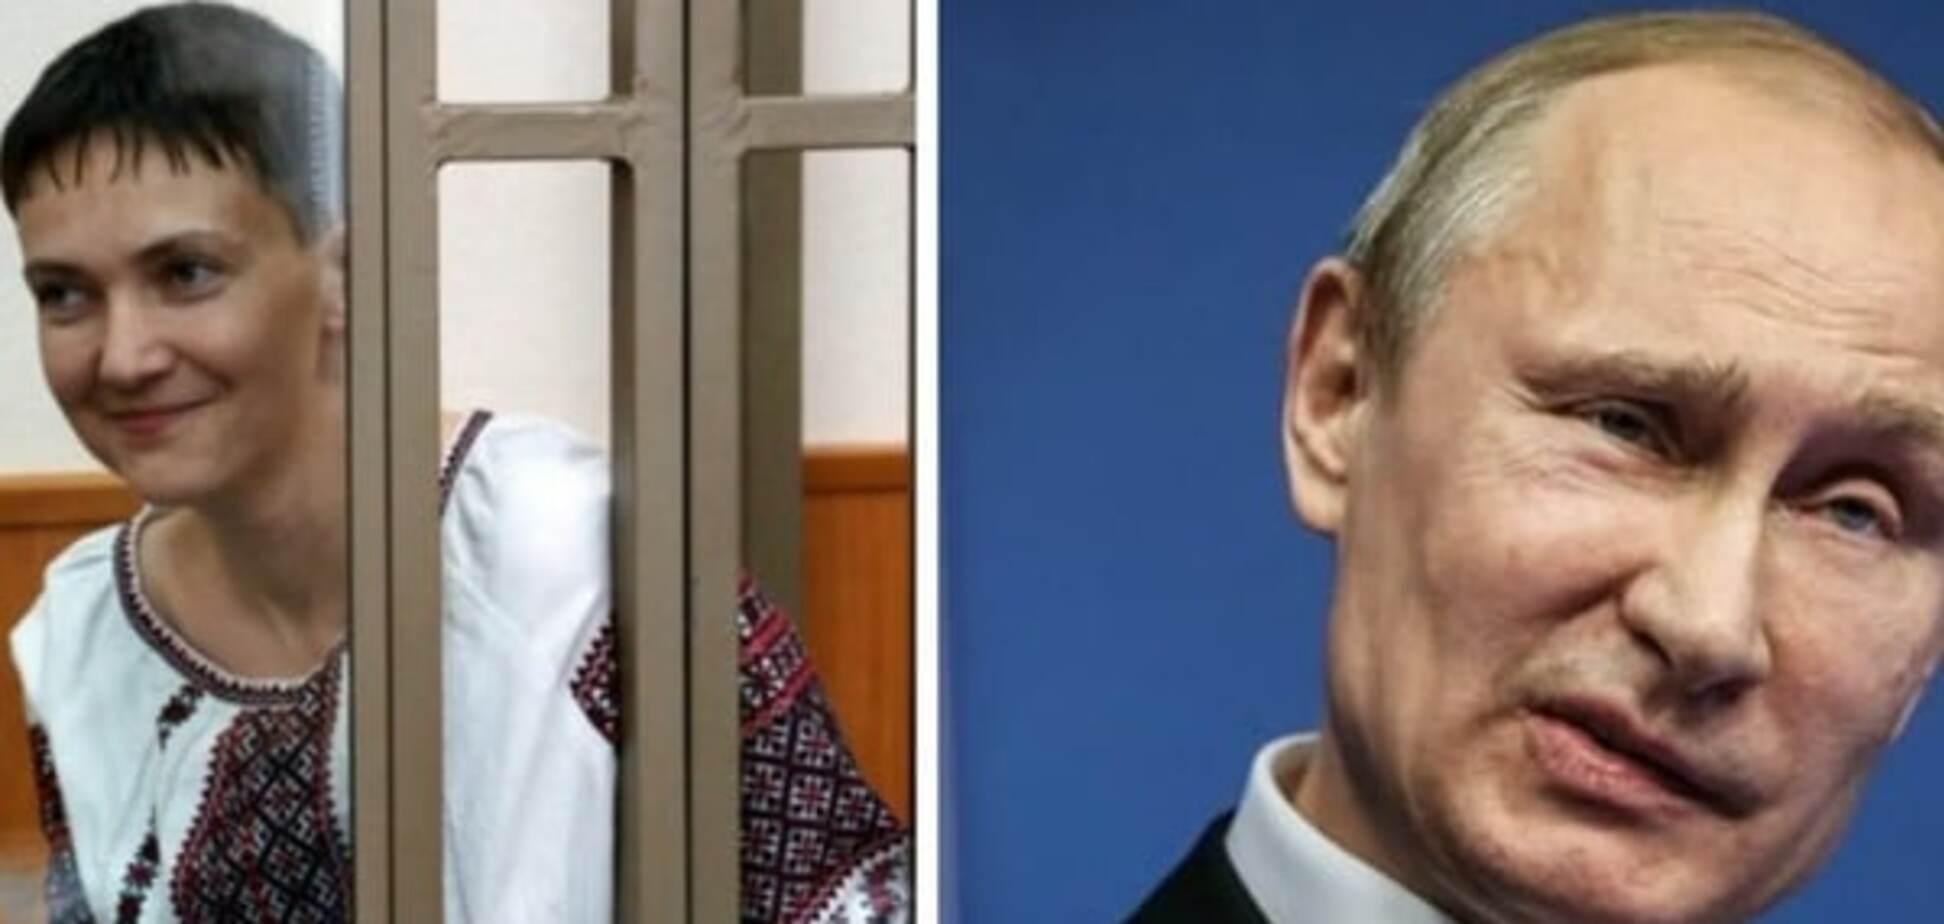 Надежда Савченко, Владимир Путин